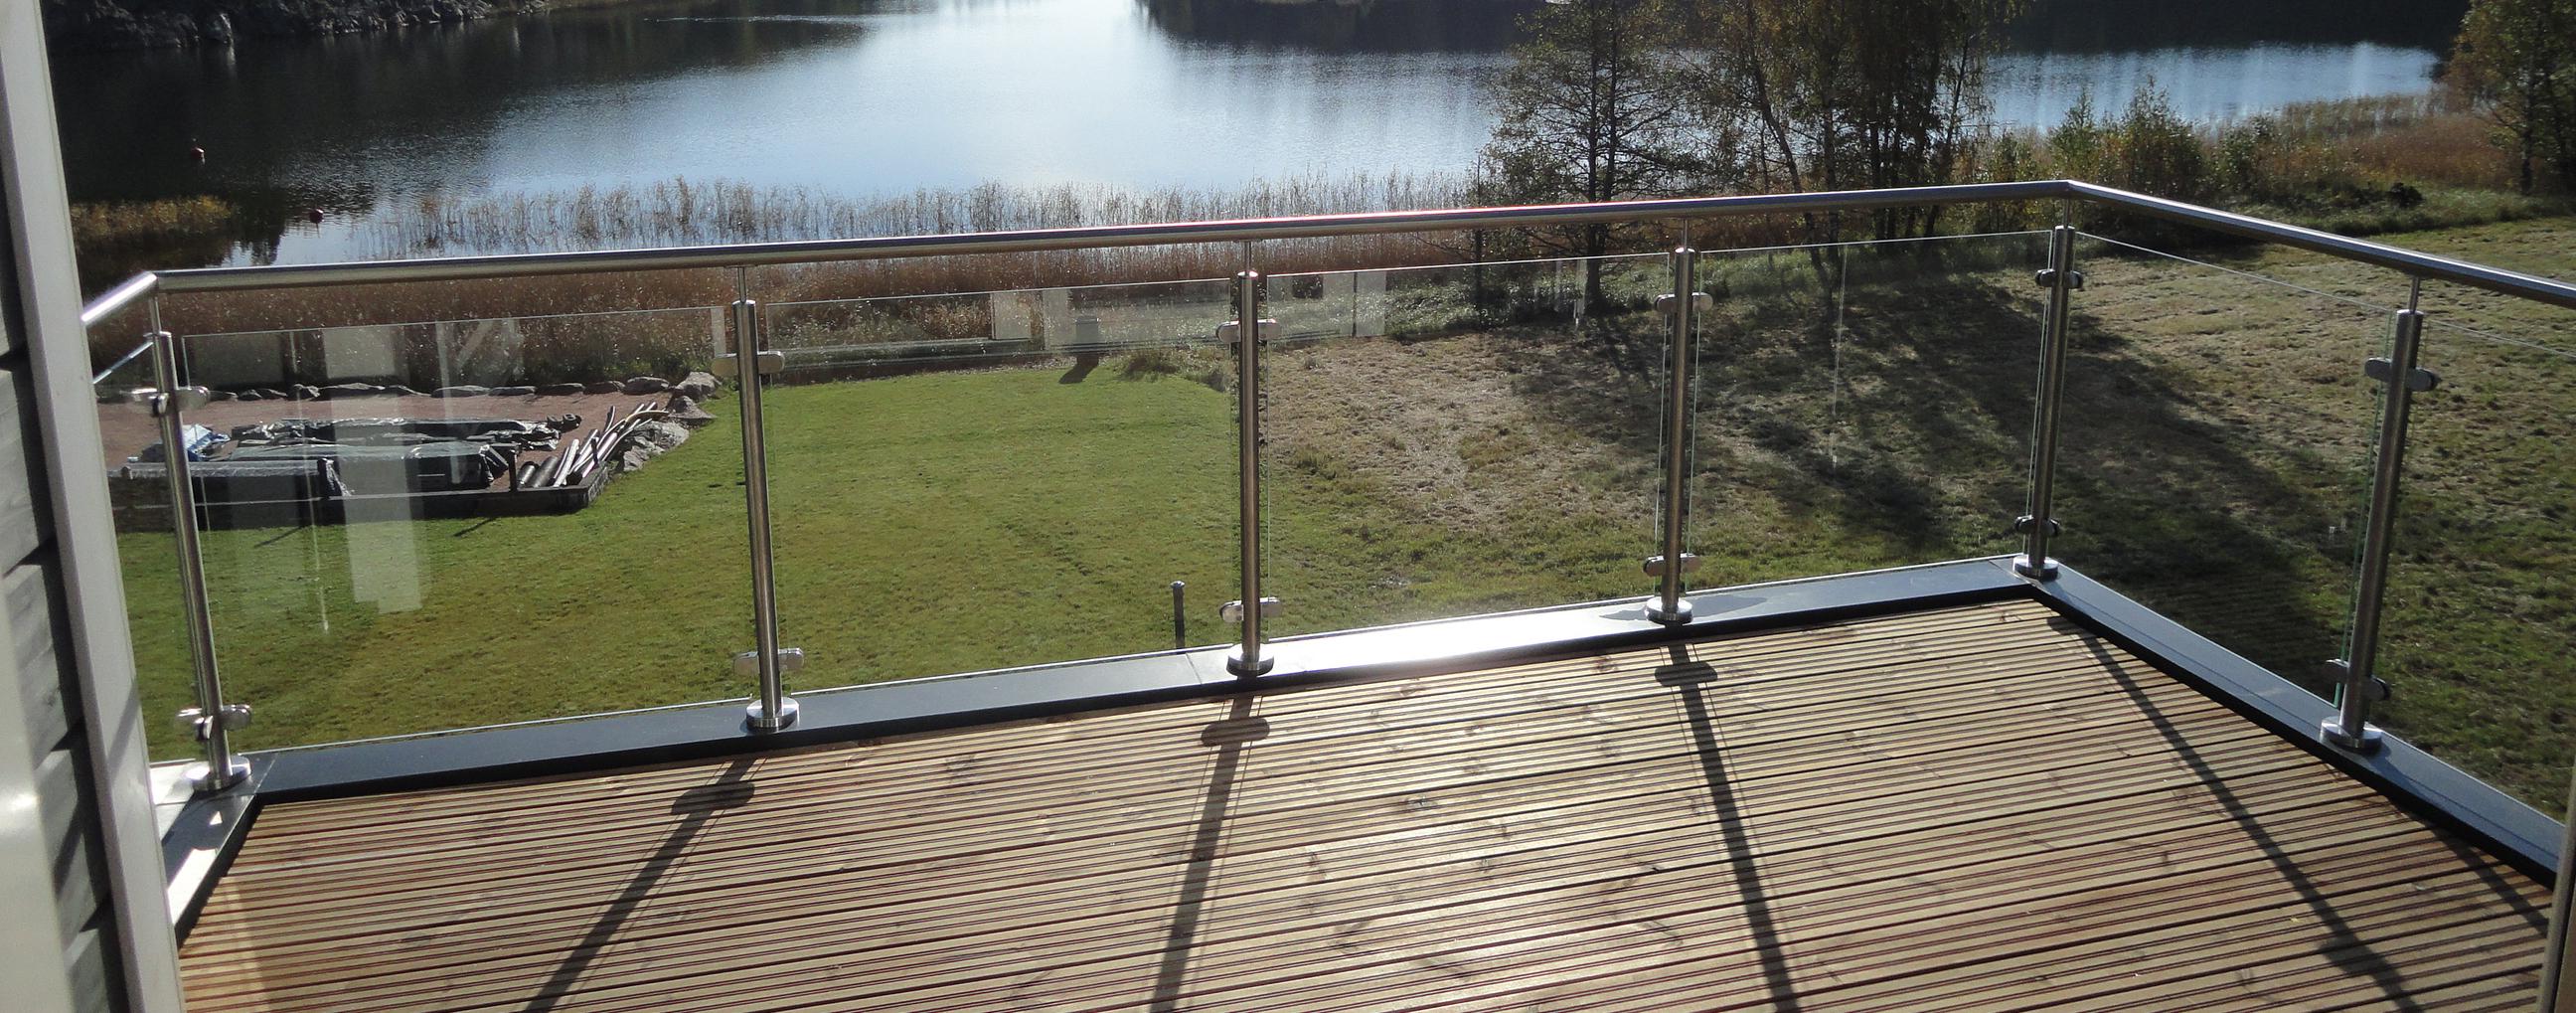 Balkongeländer | Geländerladen.at Neue Gelander Fur Terrasse Und Balkon Aus Holz Edelstahl Oder Glas